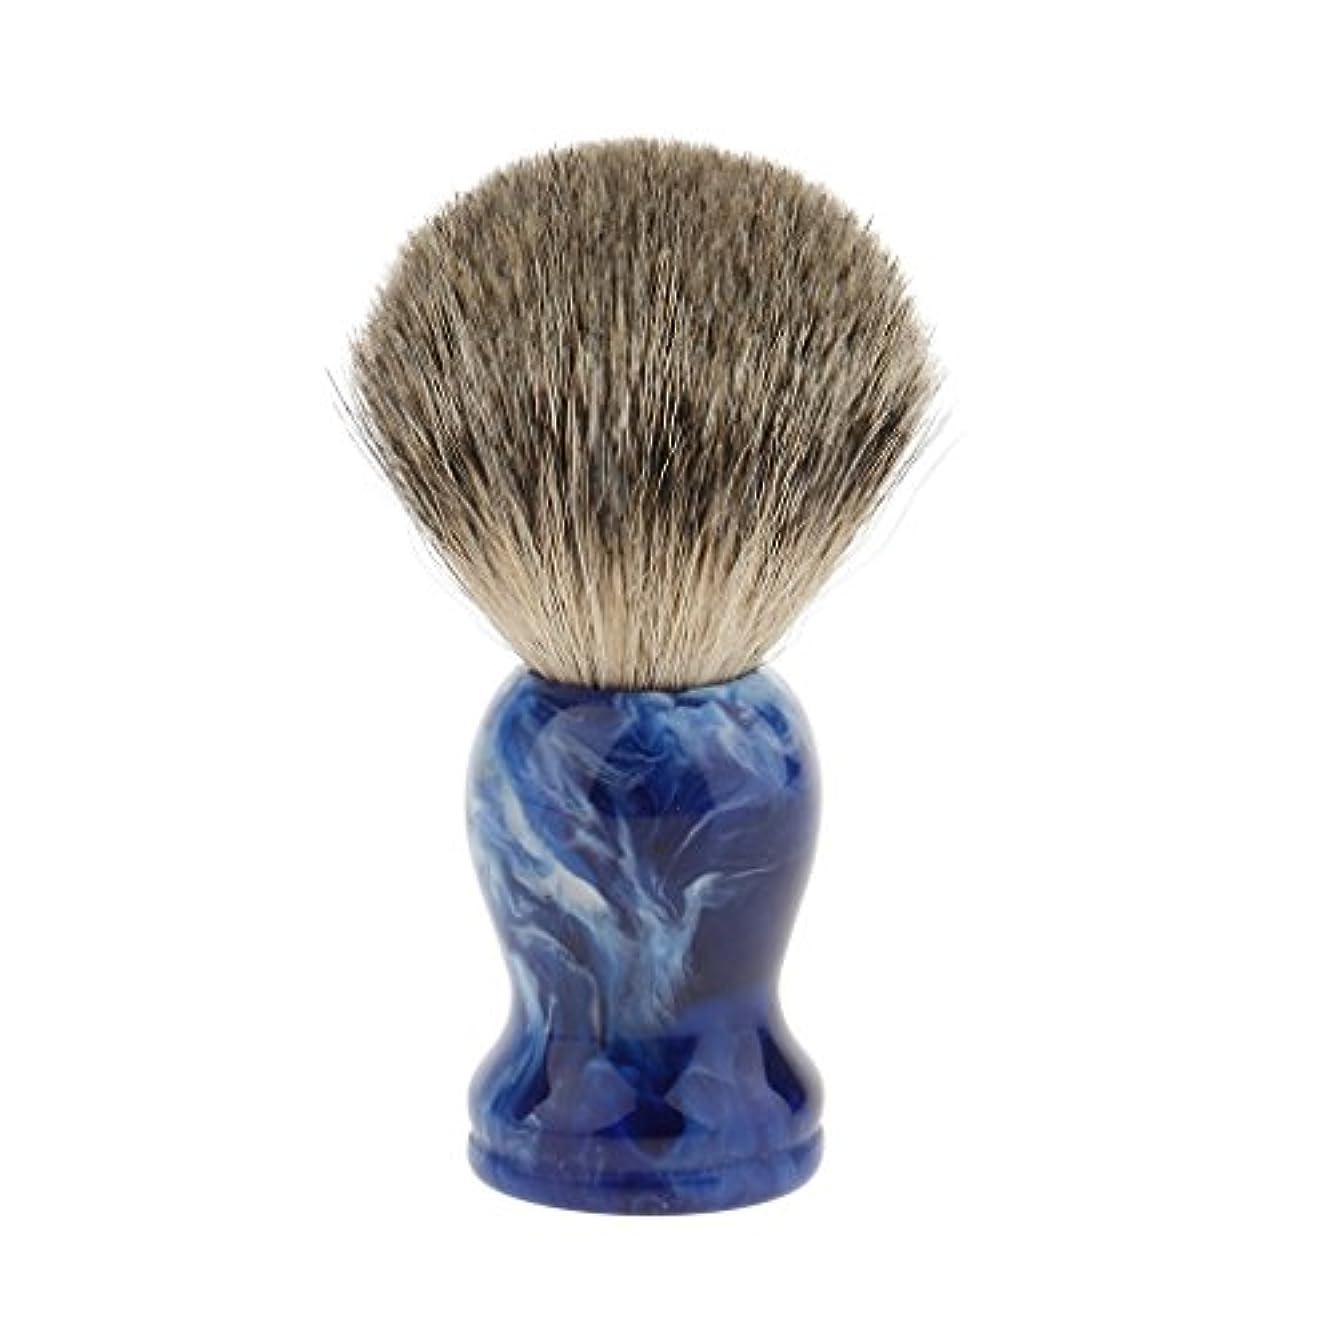 メトロポリタンコンテンポラリーパトロンHellery シェービングブラシ 理髪師 ひげ クリーニングツール プロ サロン 家庭 個人用